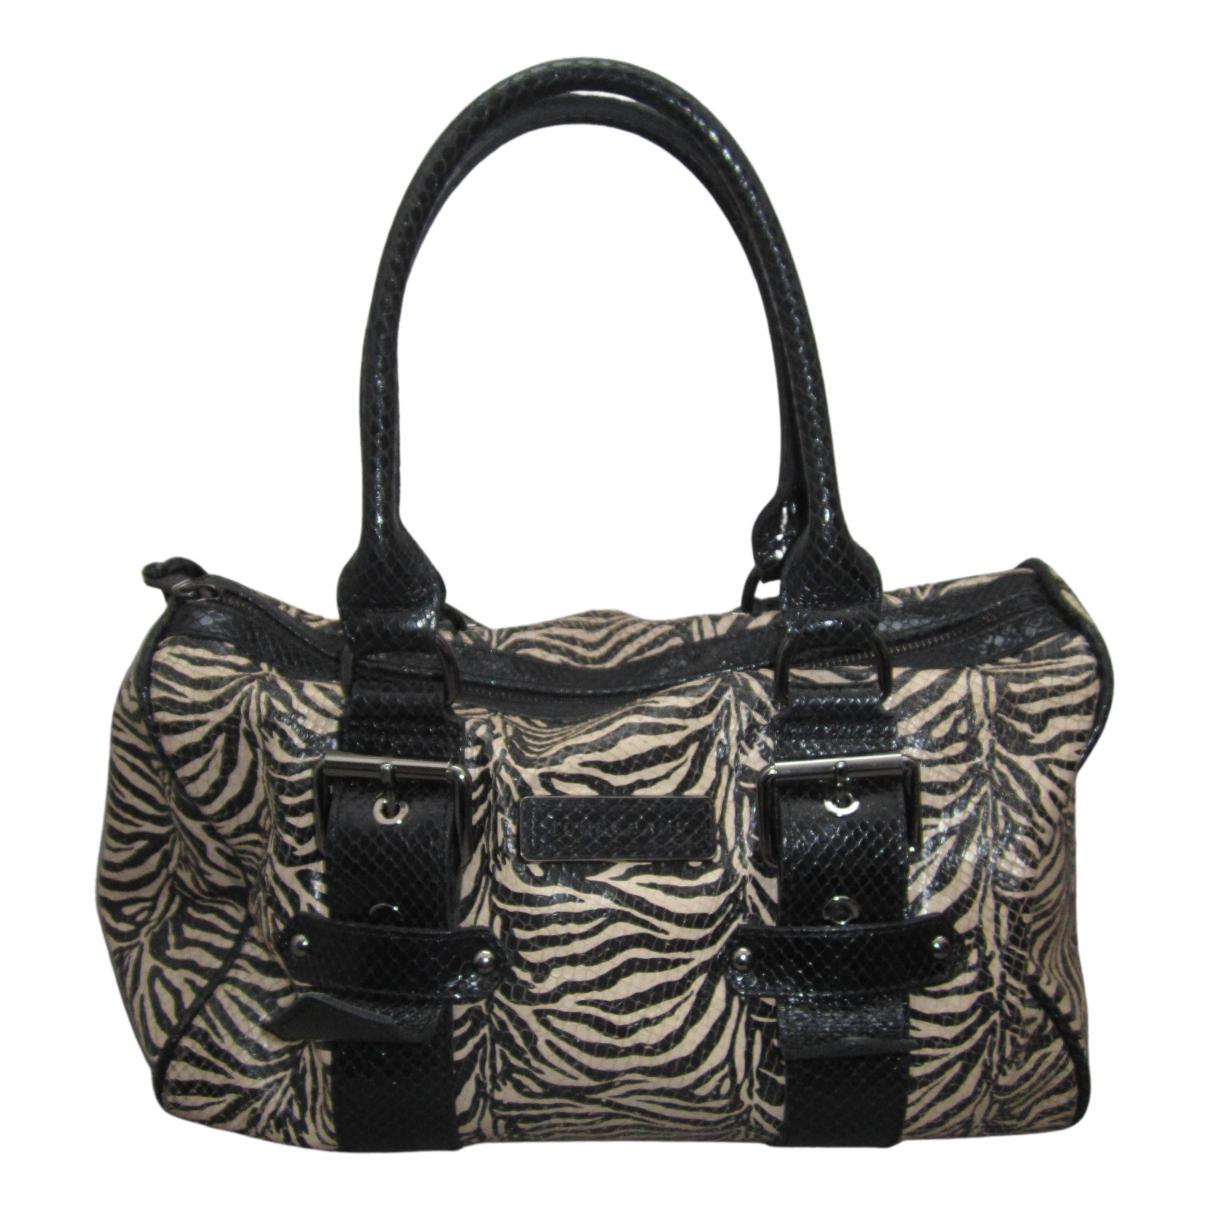 Longchamp Kate Moss Multicolour Leather handbag for Women N